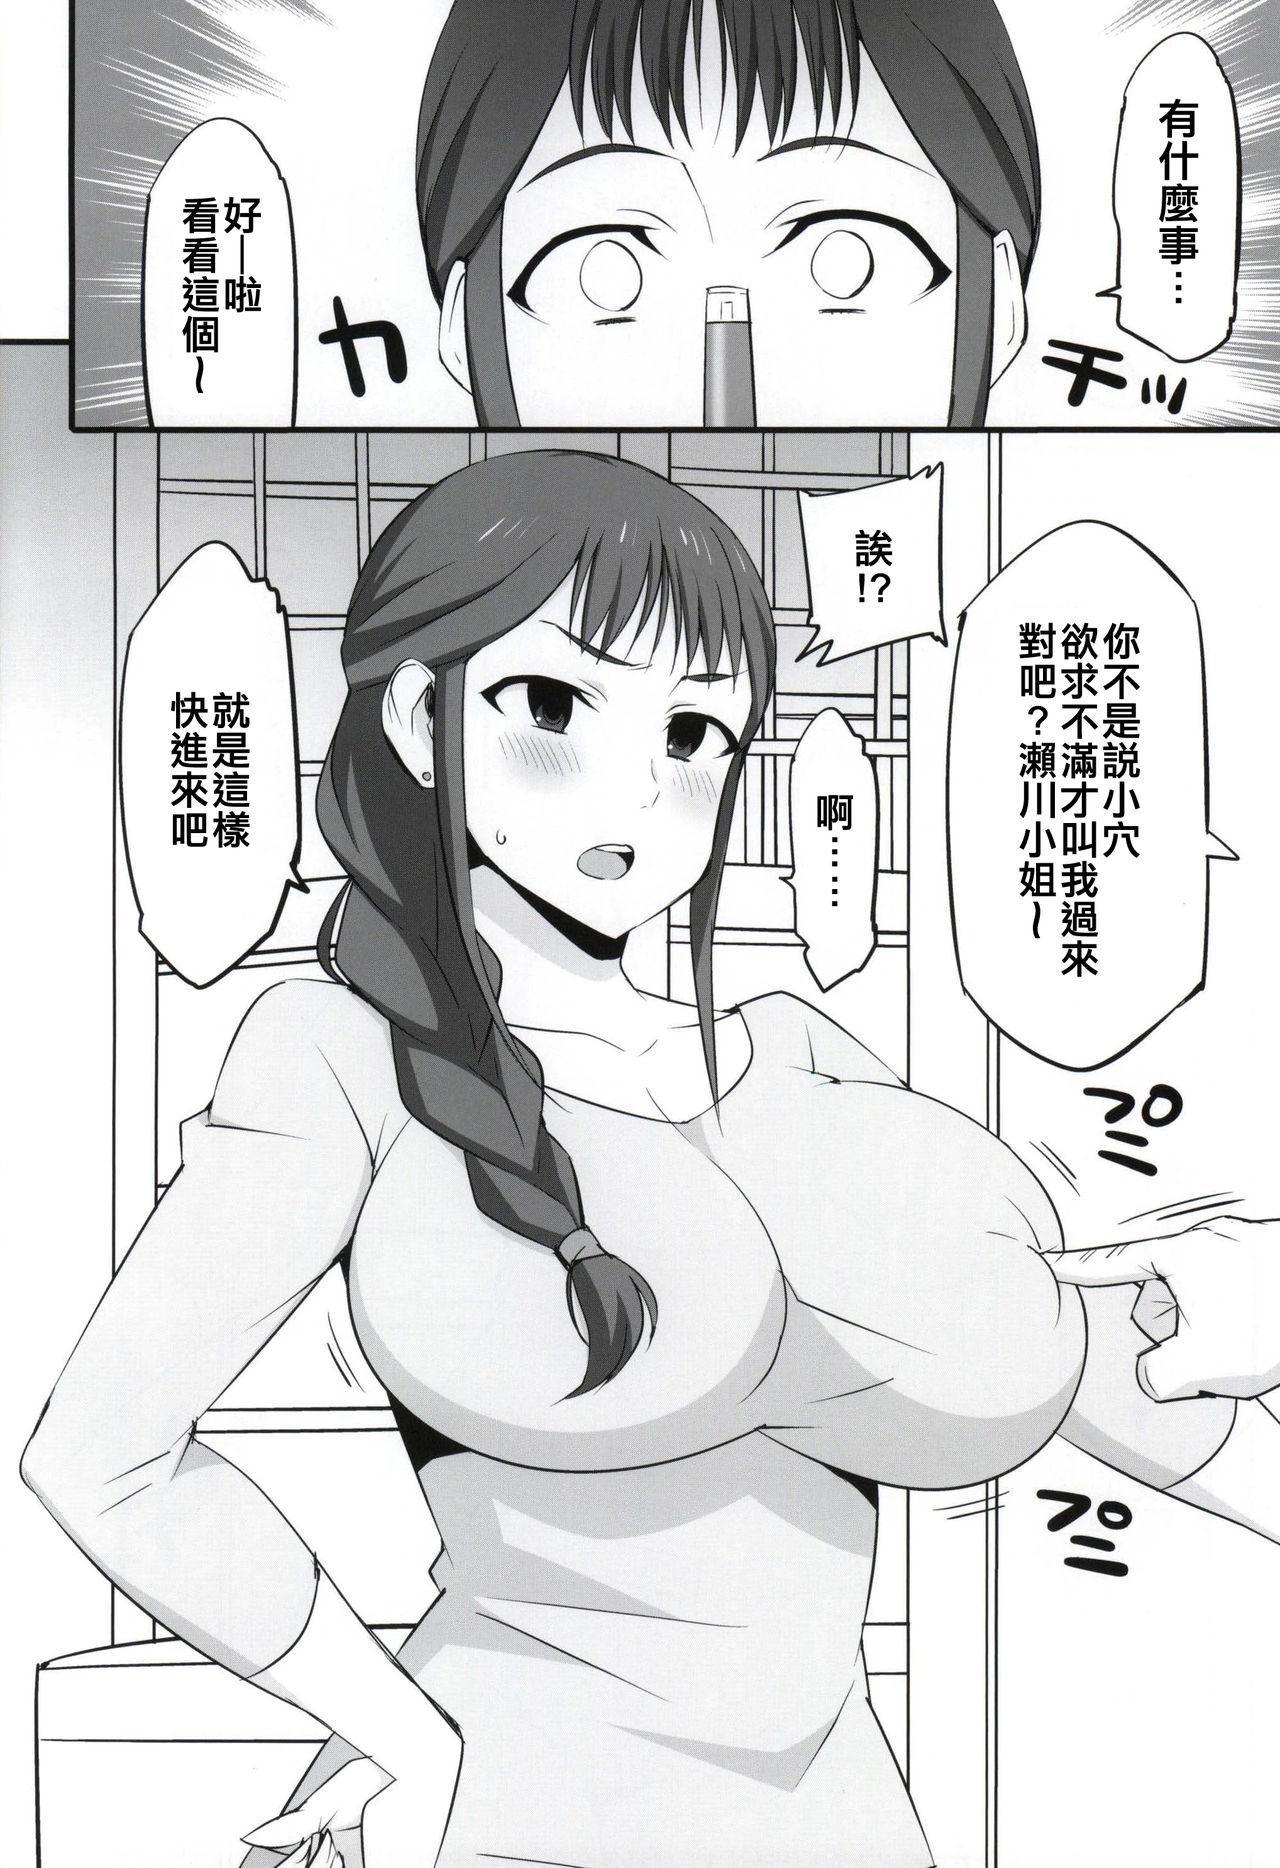 Mesu Buta Seisaku Shinkouchuu 2